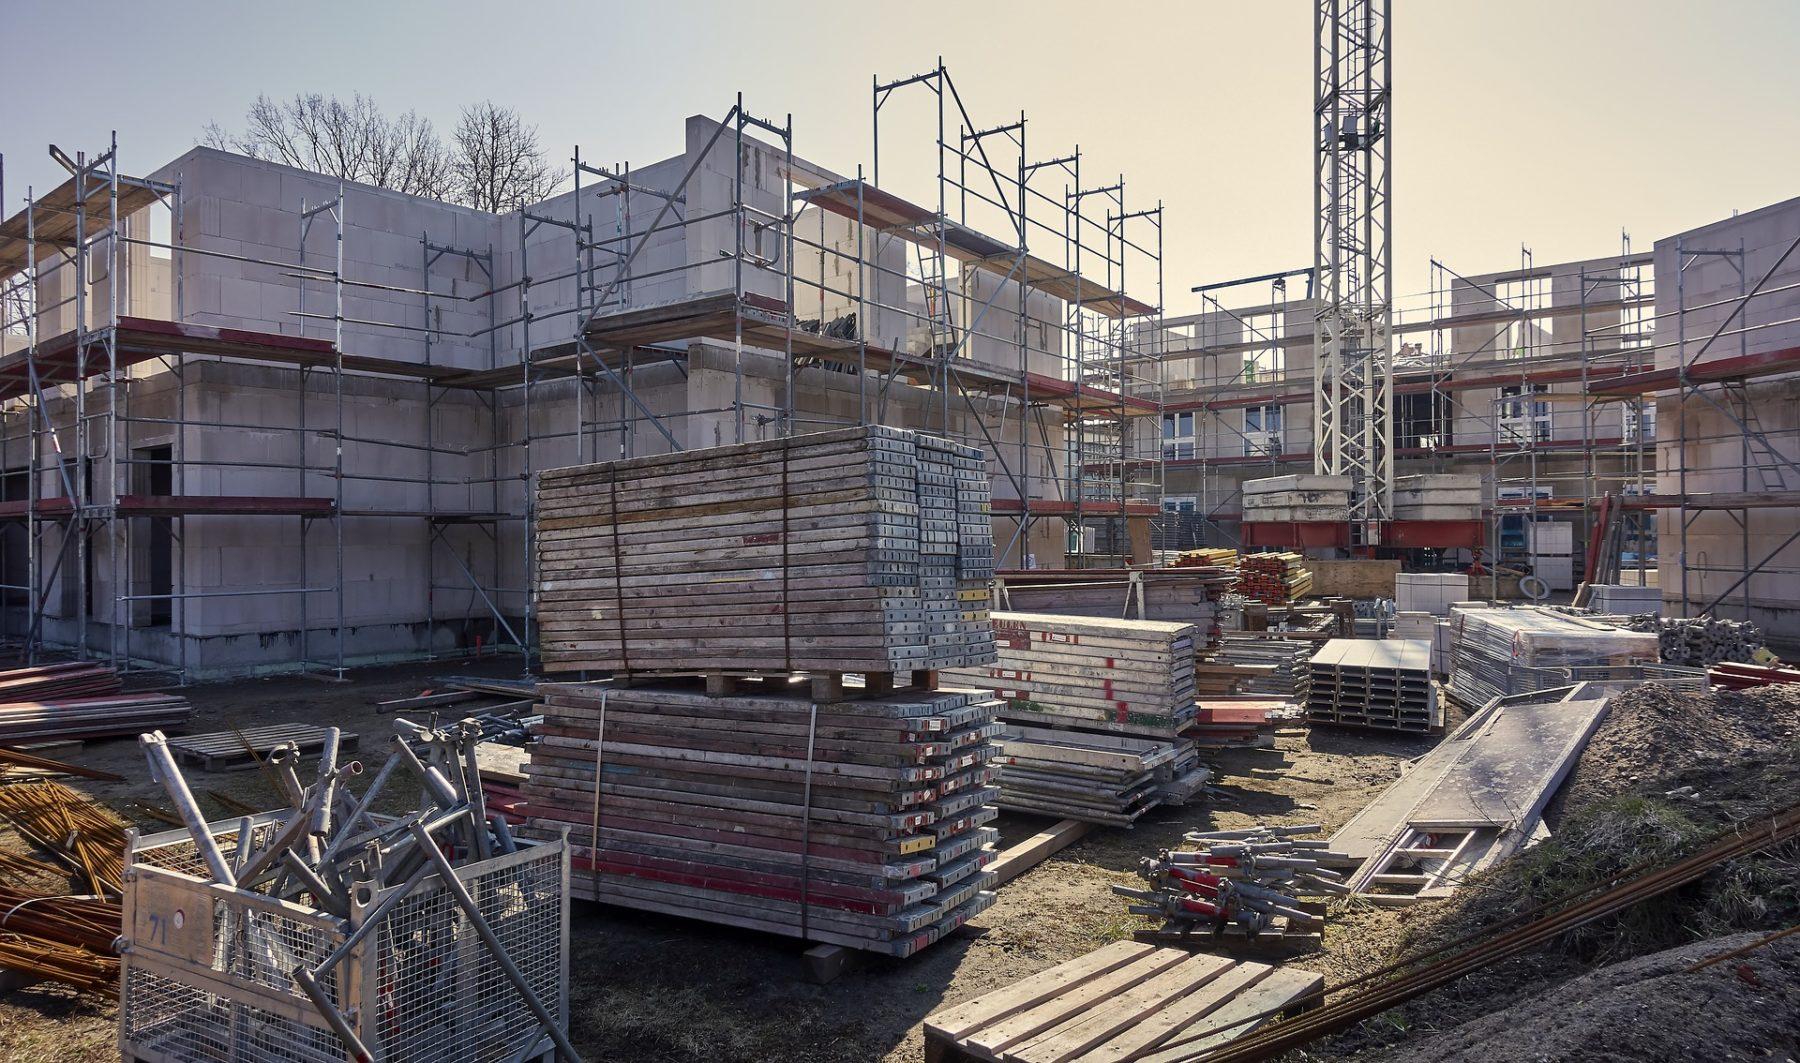 Die Bundesregierung plant eine Sonder-AfA zur Förderung des bezahlbaren Wohnungsbaus. Foto: Pixabay